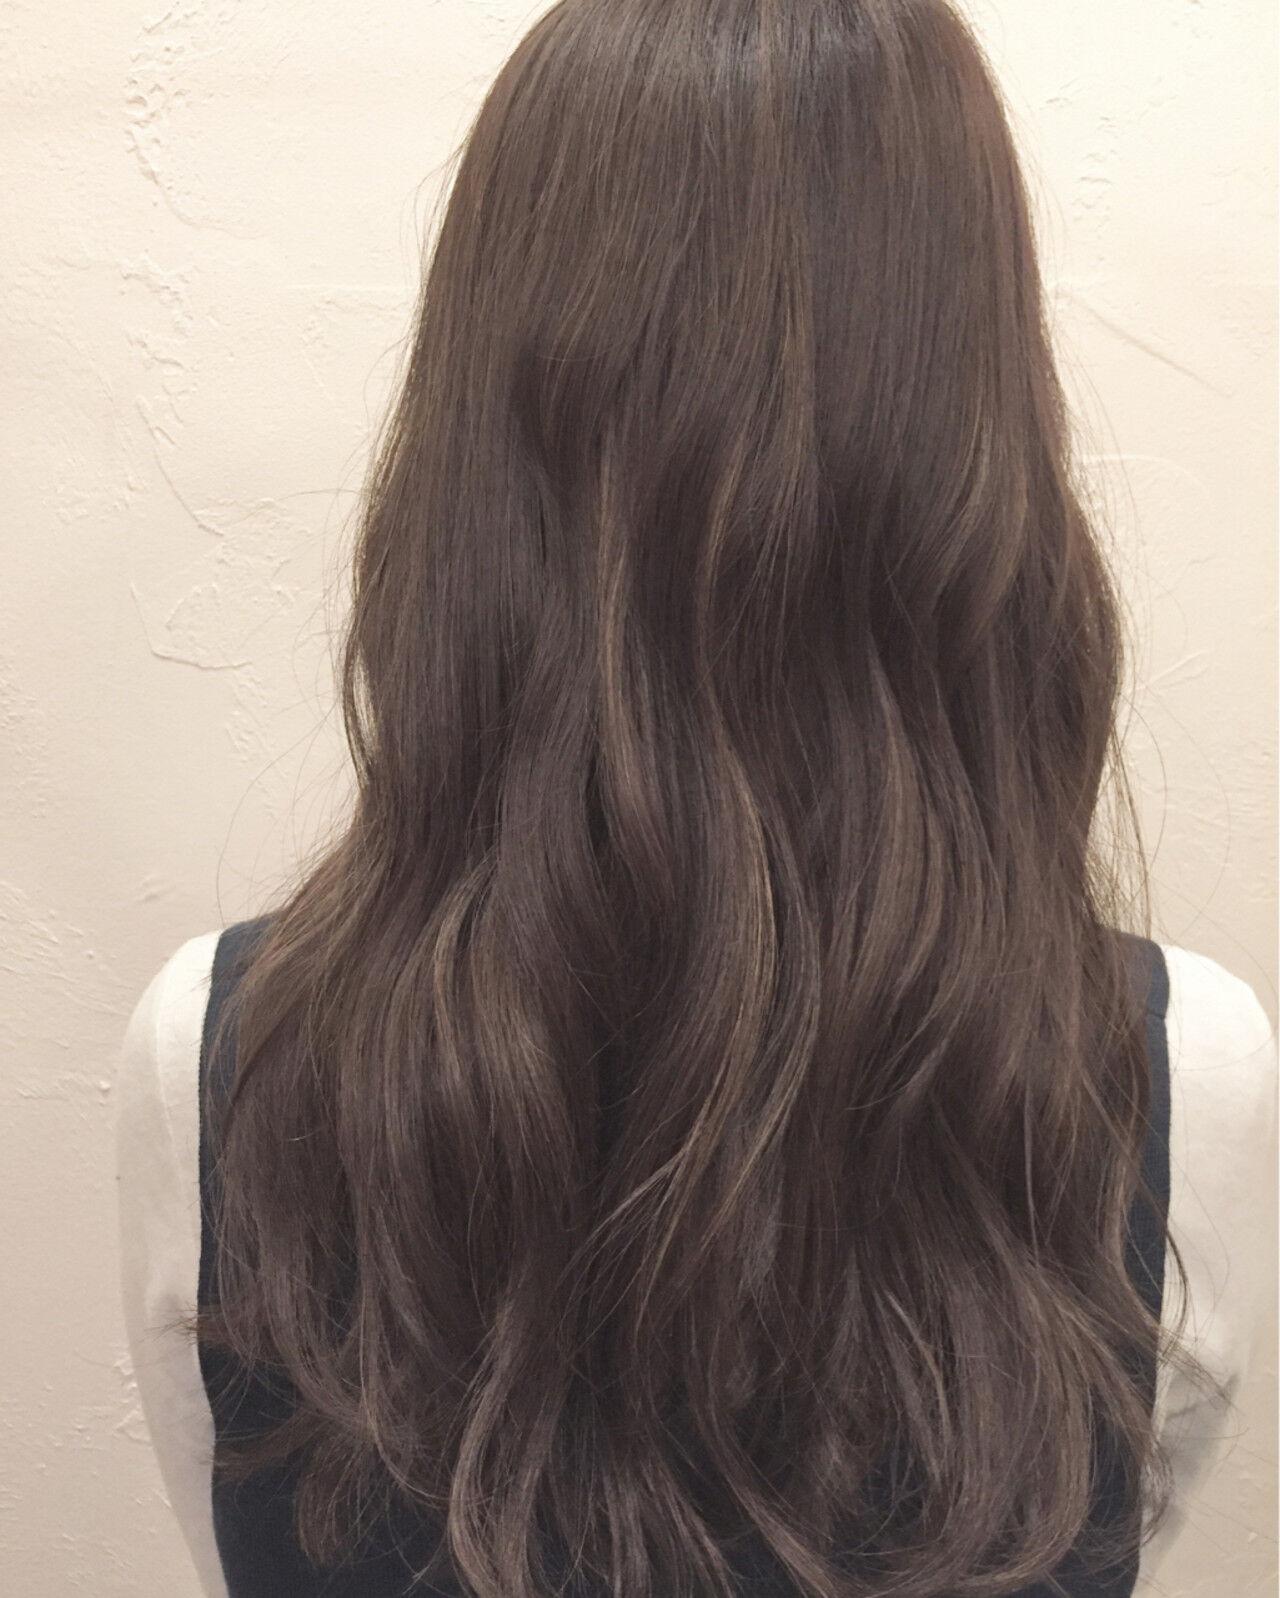 アッシュ ミディアム ゆるふわ ハイライトヘアスタイルや髪型の写真・画像